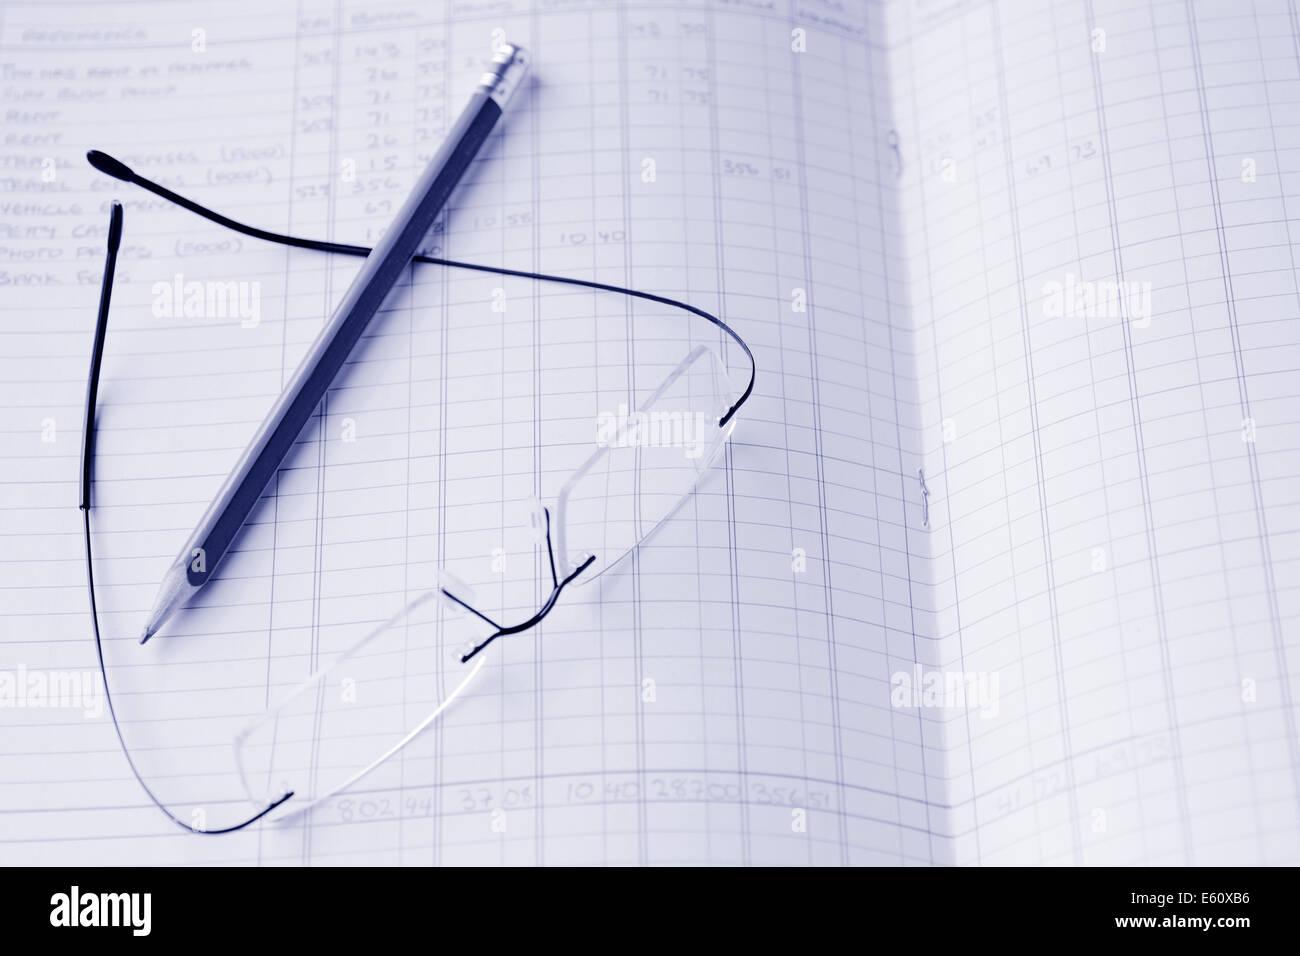 Lunettes de lecture et un crayon sur l'impôt sur le revenu annuel de livres. rapport Concept photo de taxe, impôt, Banque D'Images